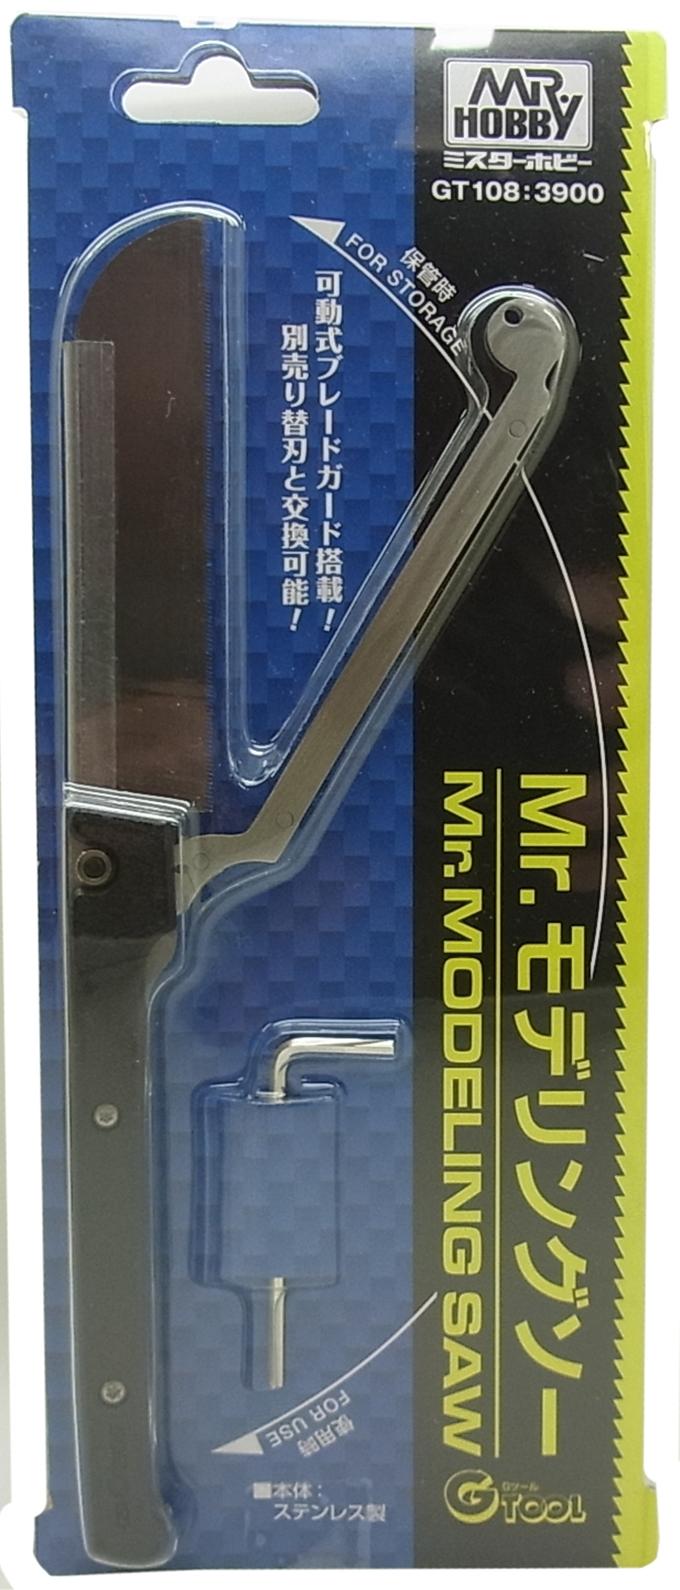 mr-gt108 Mr. モデリングソー  ブレードガード付き